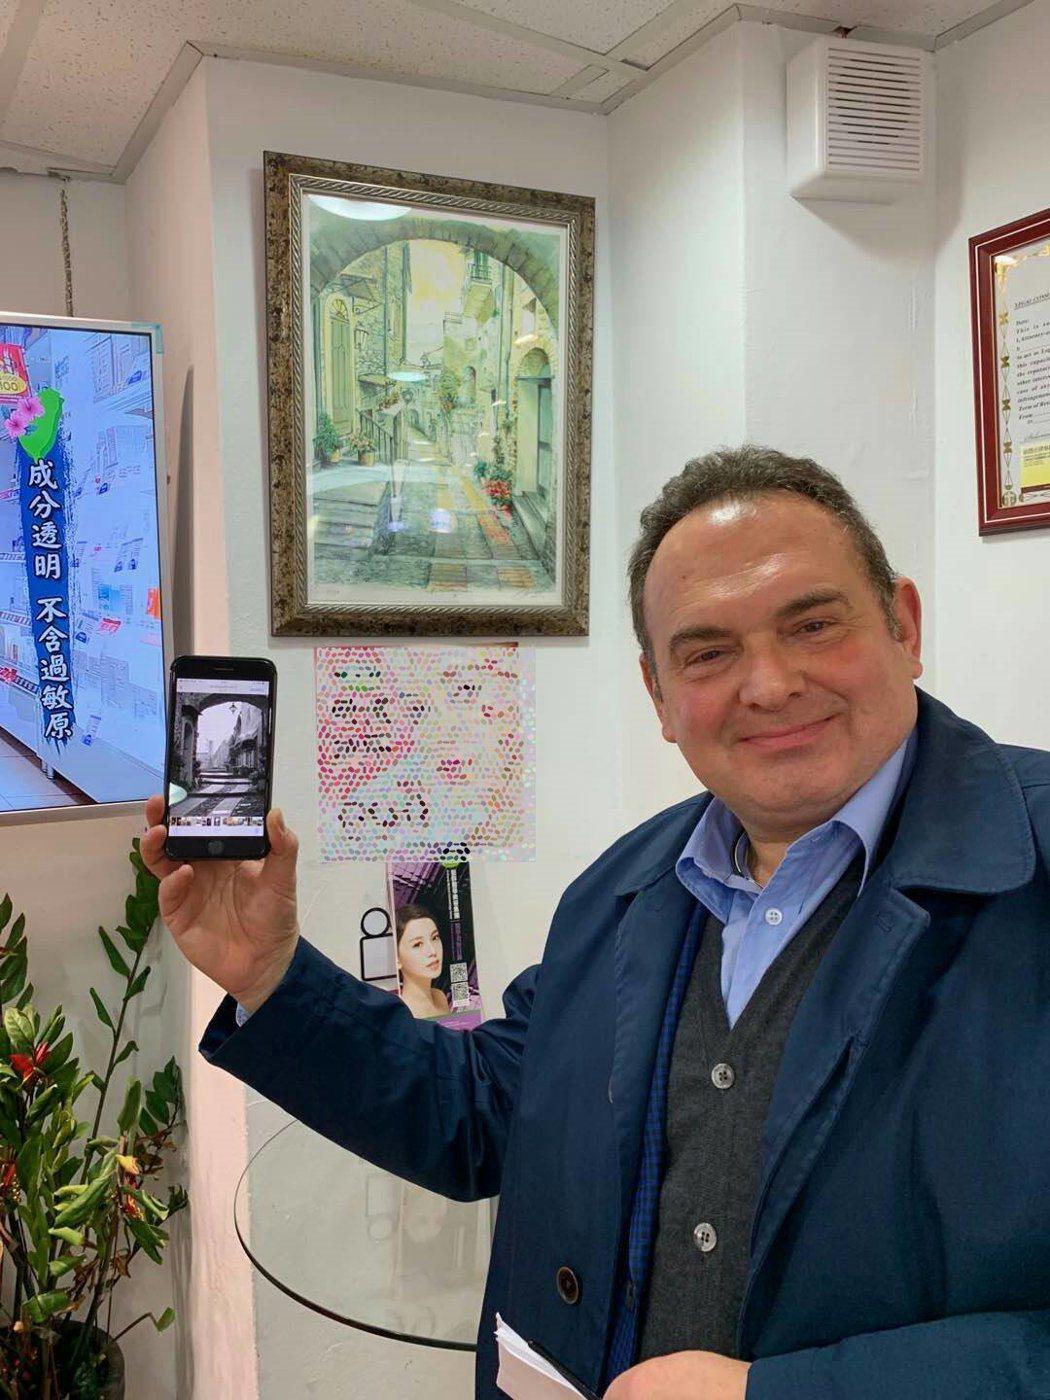 義大利人拿出手機,出示自己的義大利住家照片,證明自己沒有隨意編故事。 業者/提供